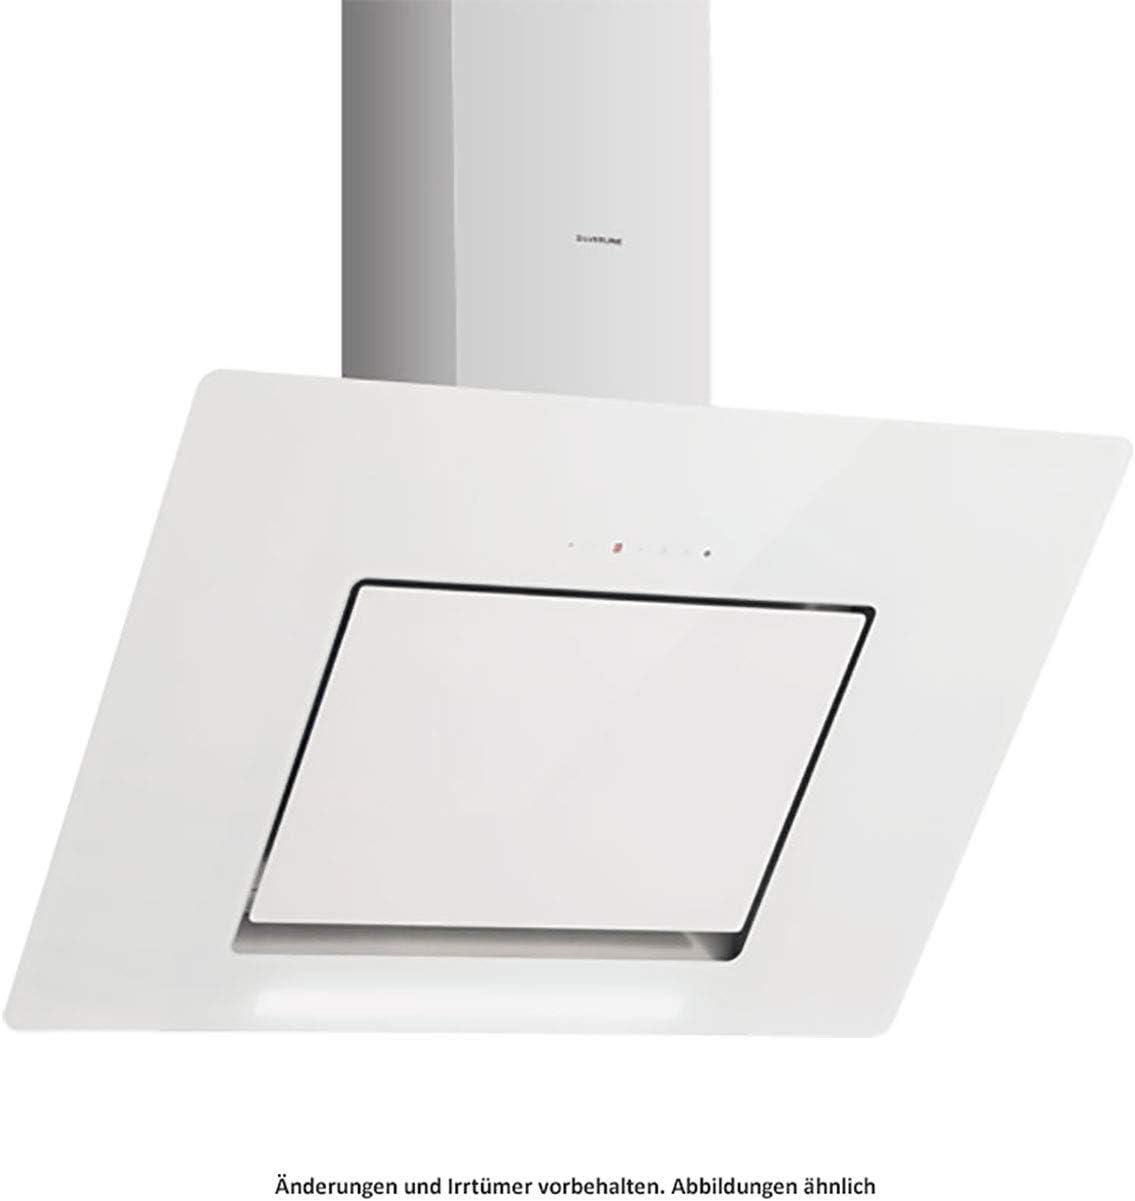 Silverline Andromeda Deluxe ANW 610 W - Cubierta de pared (acero inoxidable y cristal, 60 cm), color blanco: Amazon.es: Grandes electrodomésticos